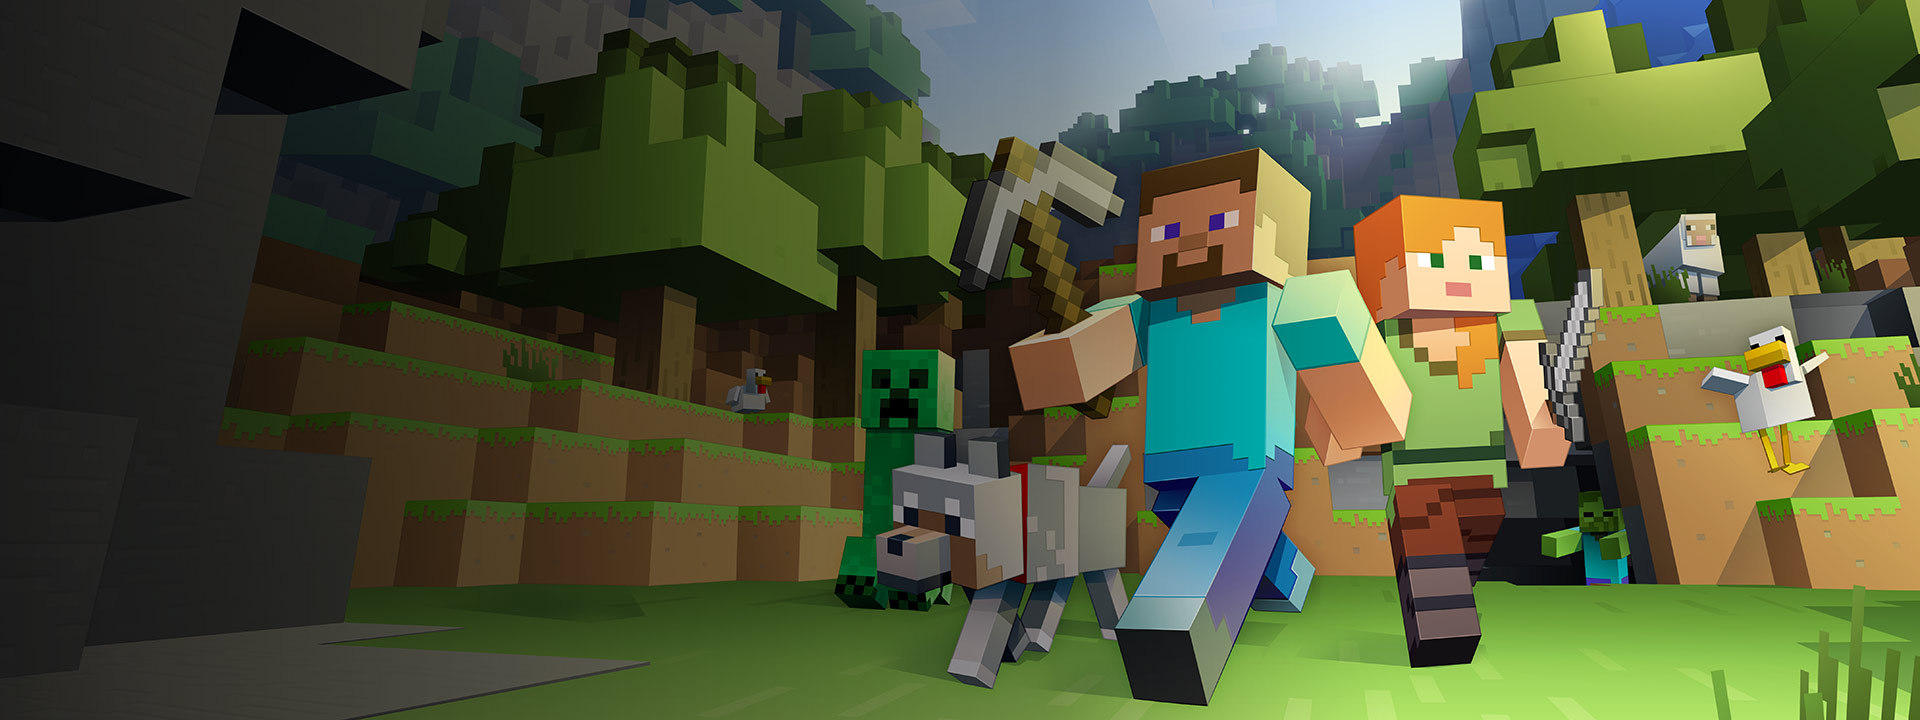 MinecraftAnmeldung Xbox - Minecraft spielen ohne internet